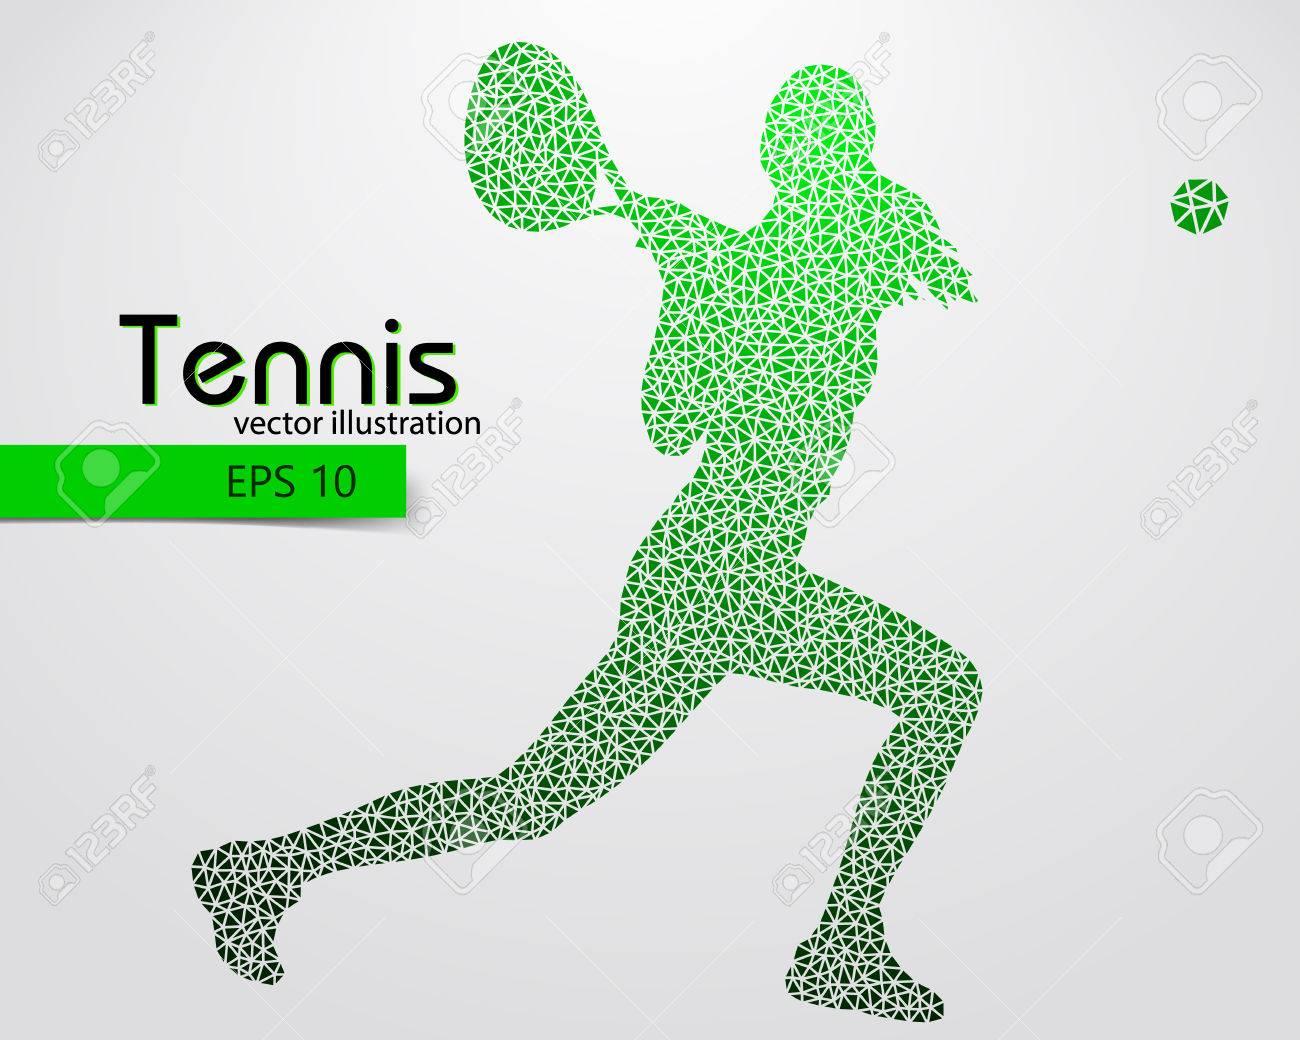 Silueta De Un Jugador De Tenis A Partir De Triángulos. Texto Y El ...